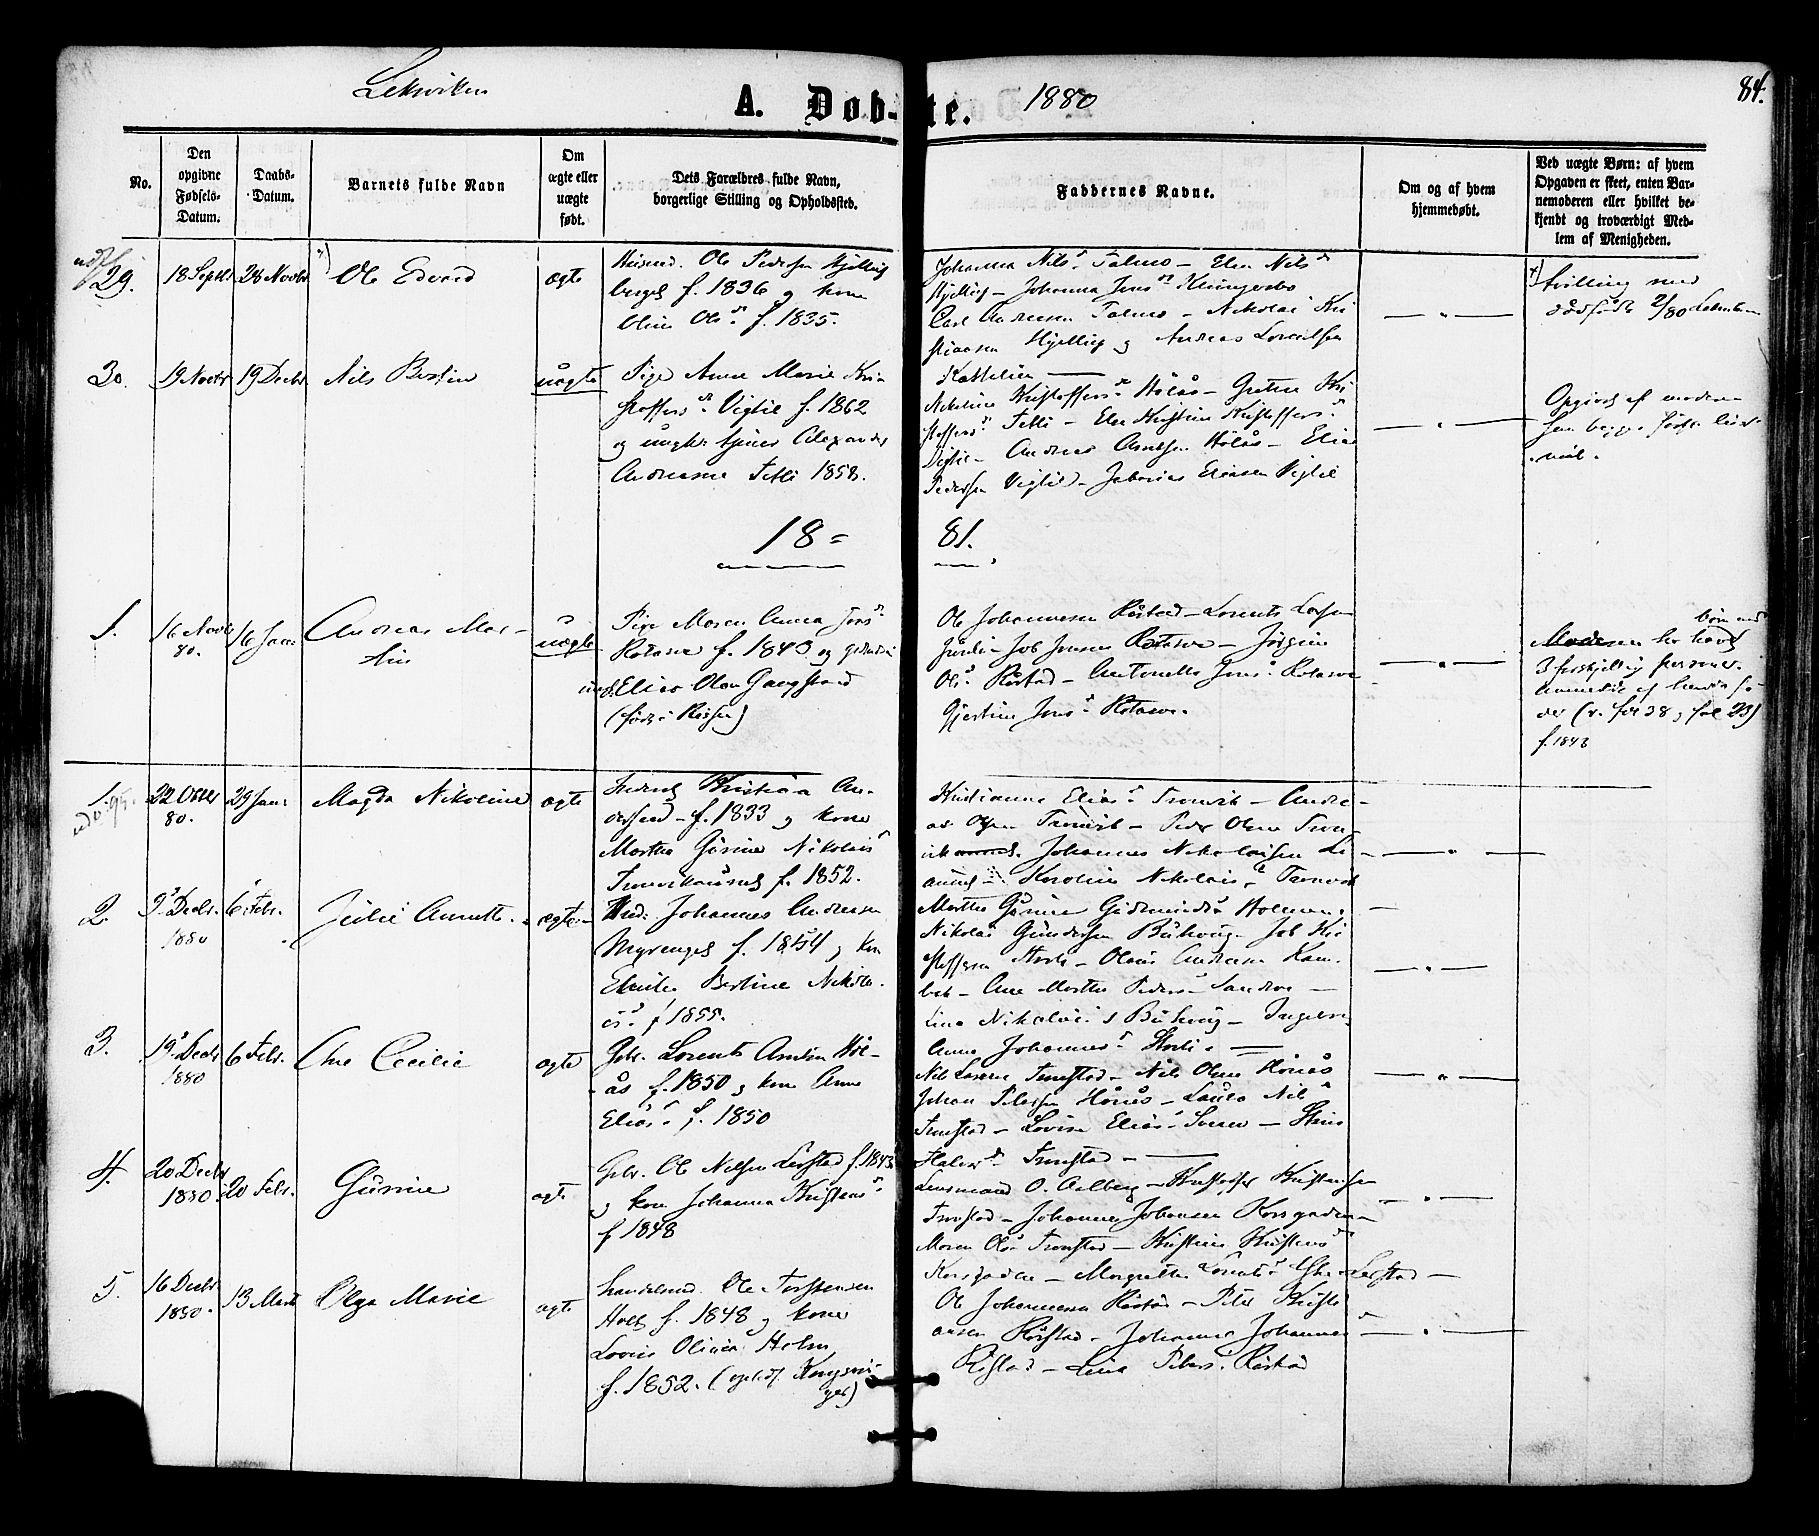 SAT, Ministerialprotokoller, klokkerbøker og fødselsregistre - Nord-Trøndelag, 701/L0009: Ministerialbok nr. 701A09 /1, 1864-1882, s. 84